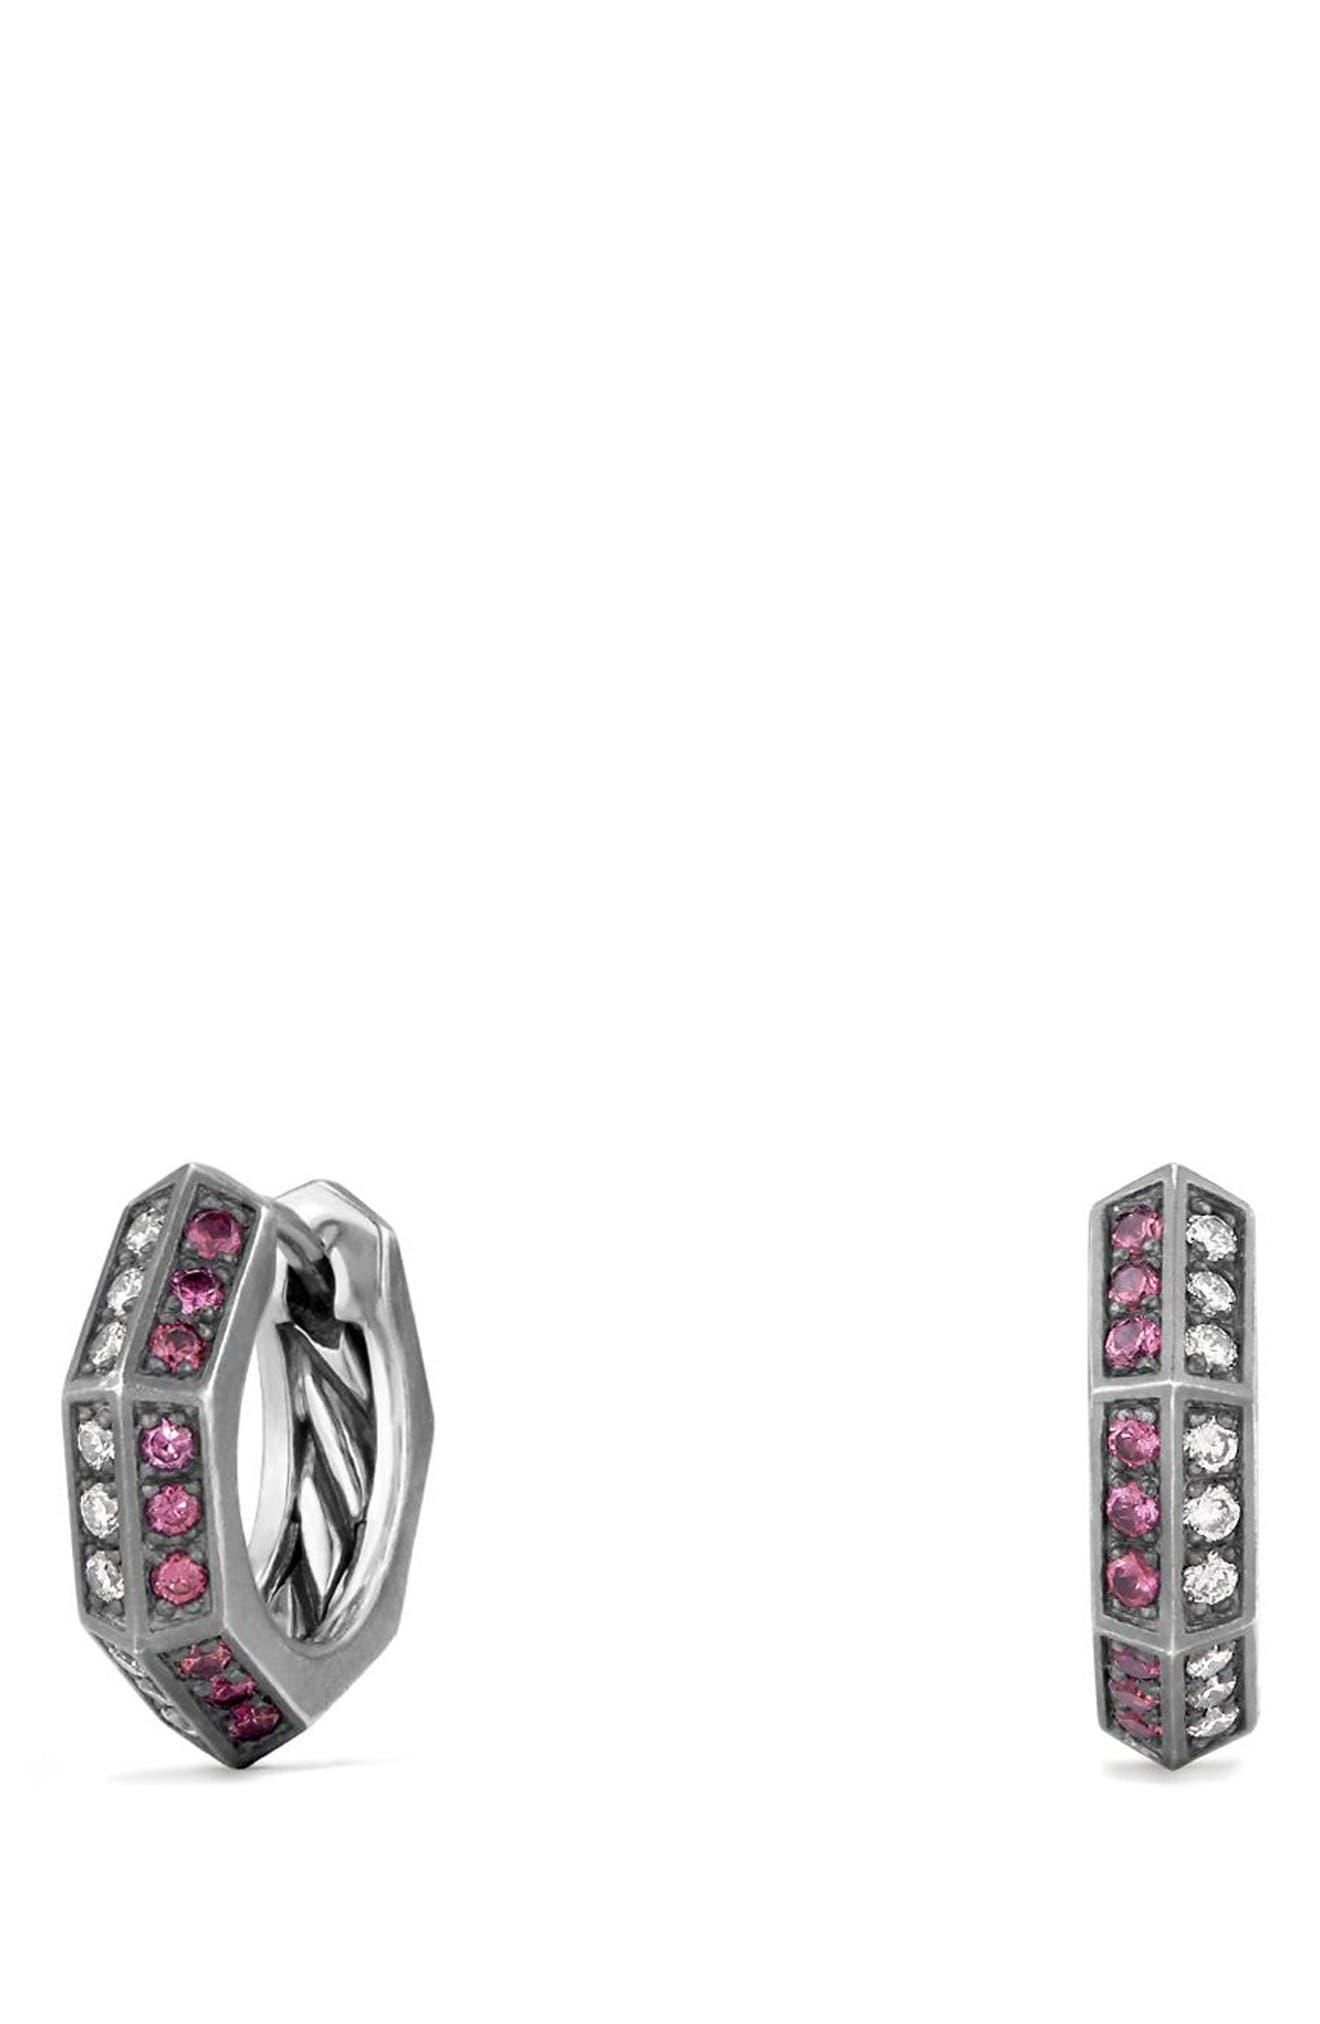 Stax Diamond & Ruby Huggie Hoop Earrings,                         Main,                         color, Silver